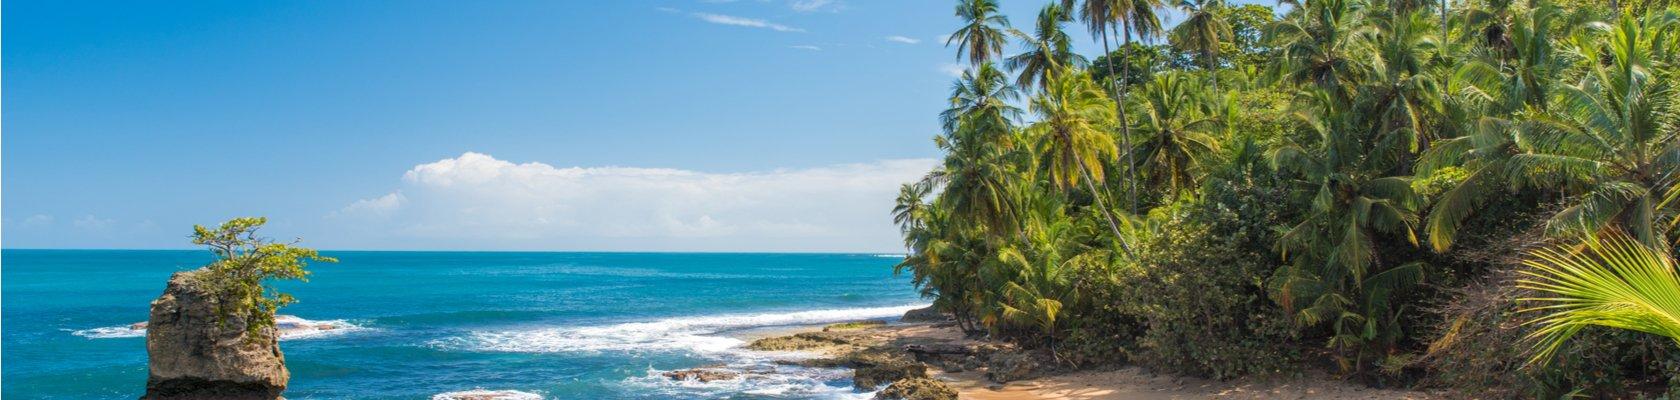 Stranden van Puerto Viejo de Talamanca